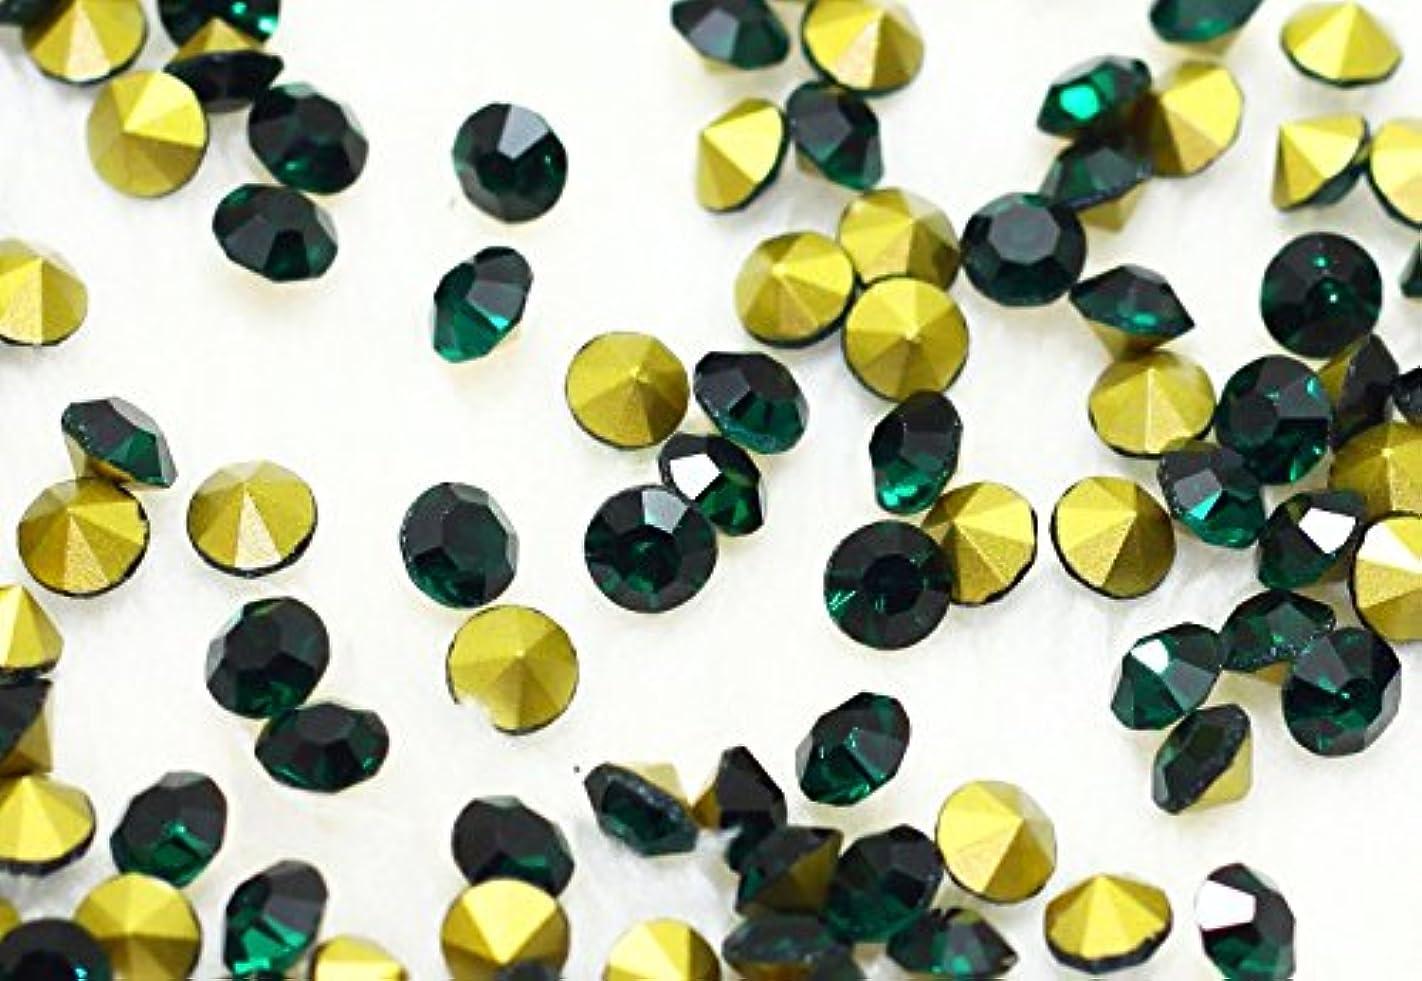 明らかにする外側愛情深いガラス製 Vカットストーン(埋込型)emerald エメラルド 各サイズ選択可能 (1.8mm (SS5) 約1440粒) [並行輸入品]